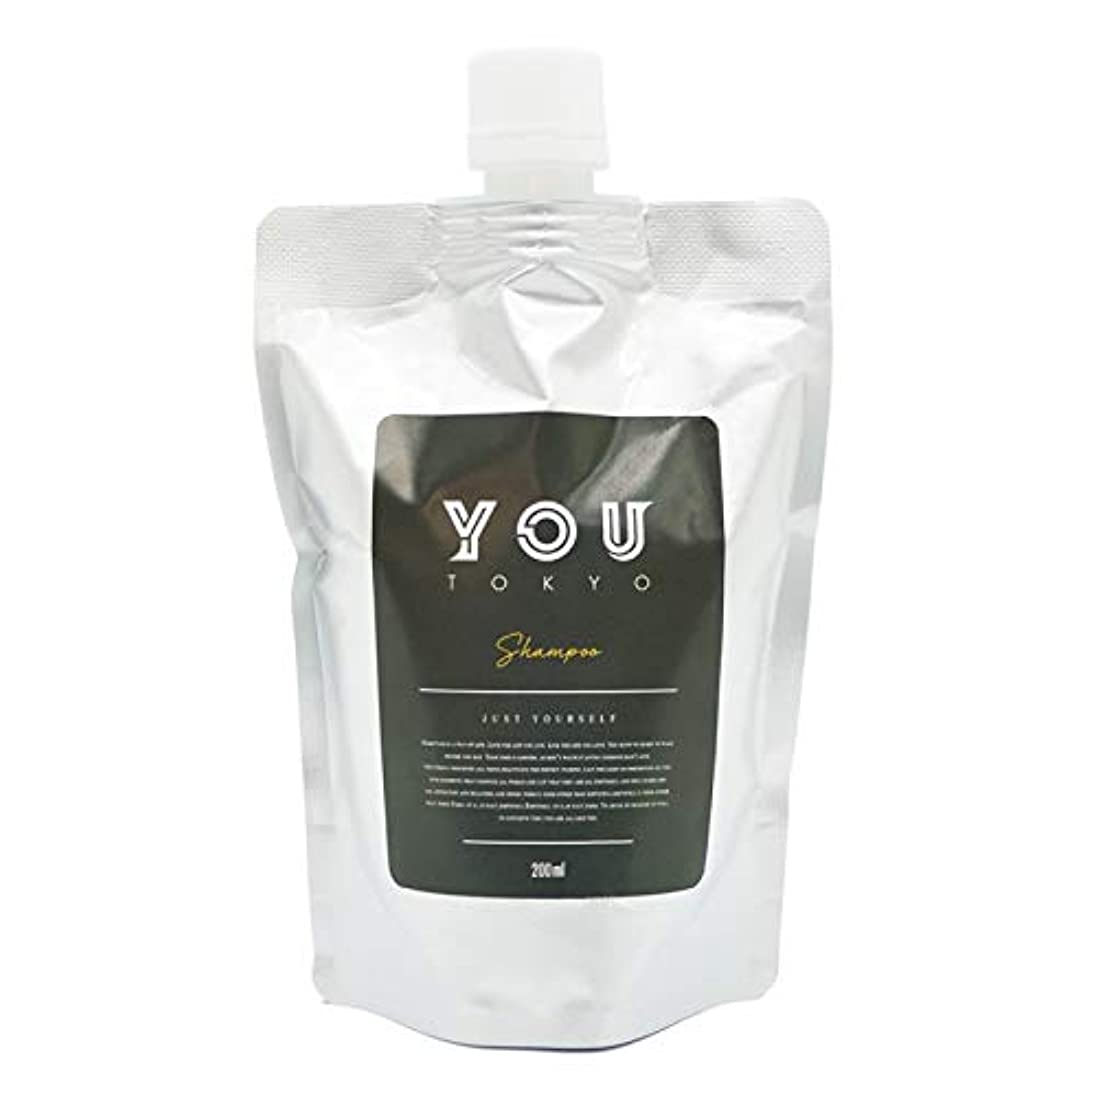 フィルタほとんどの場合煩わしいチリ毛 メンズ シャンプー トリートメント アミノ酸 洗浄 肌に潤い 保湿 YOU TOKYO(ユートーキョー)ボトル 500ml 詰め替え 1000ml (シャンプー パウチ 200ml)